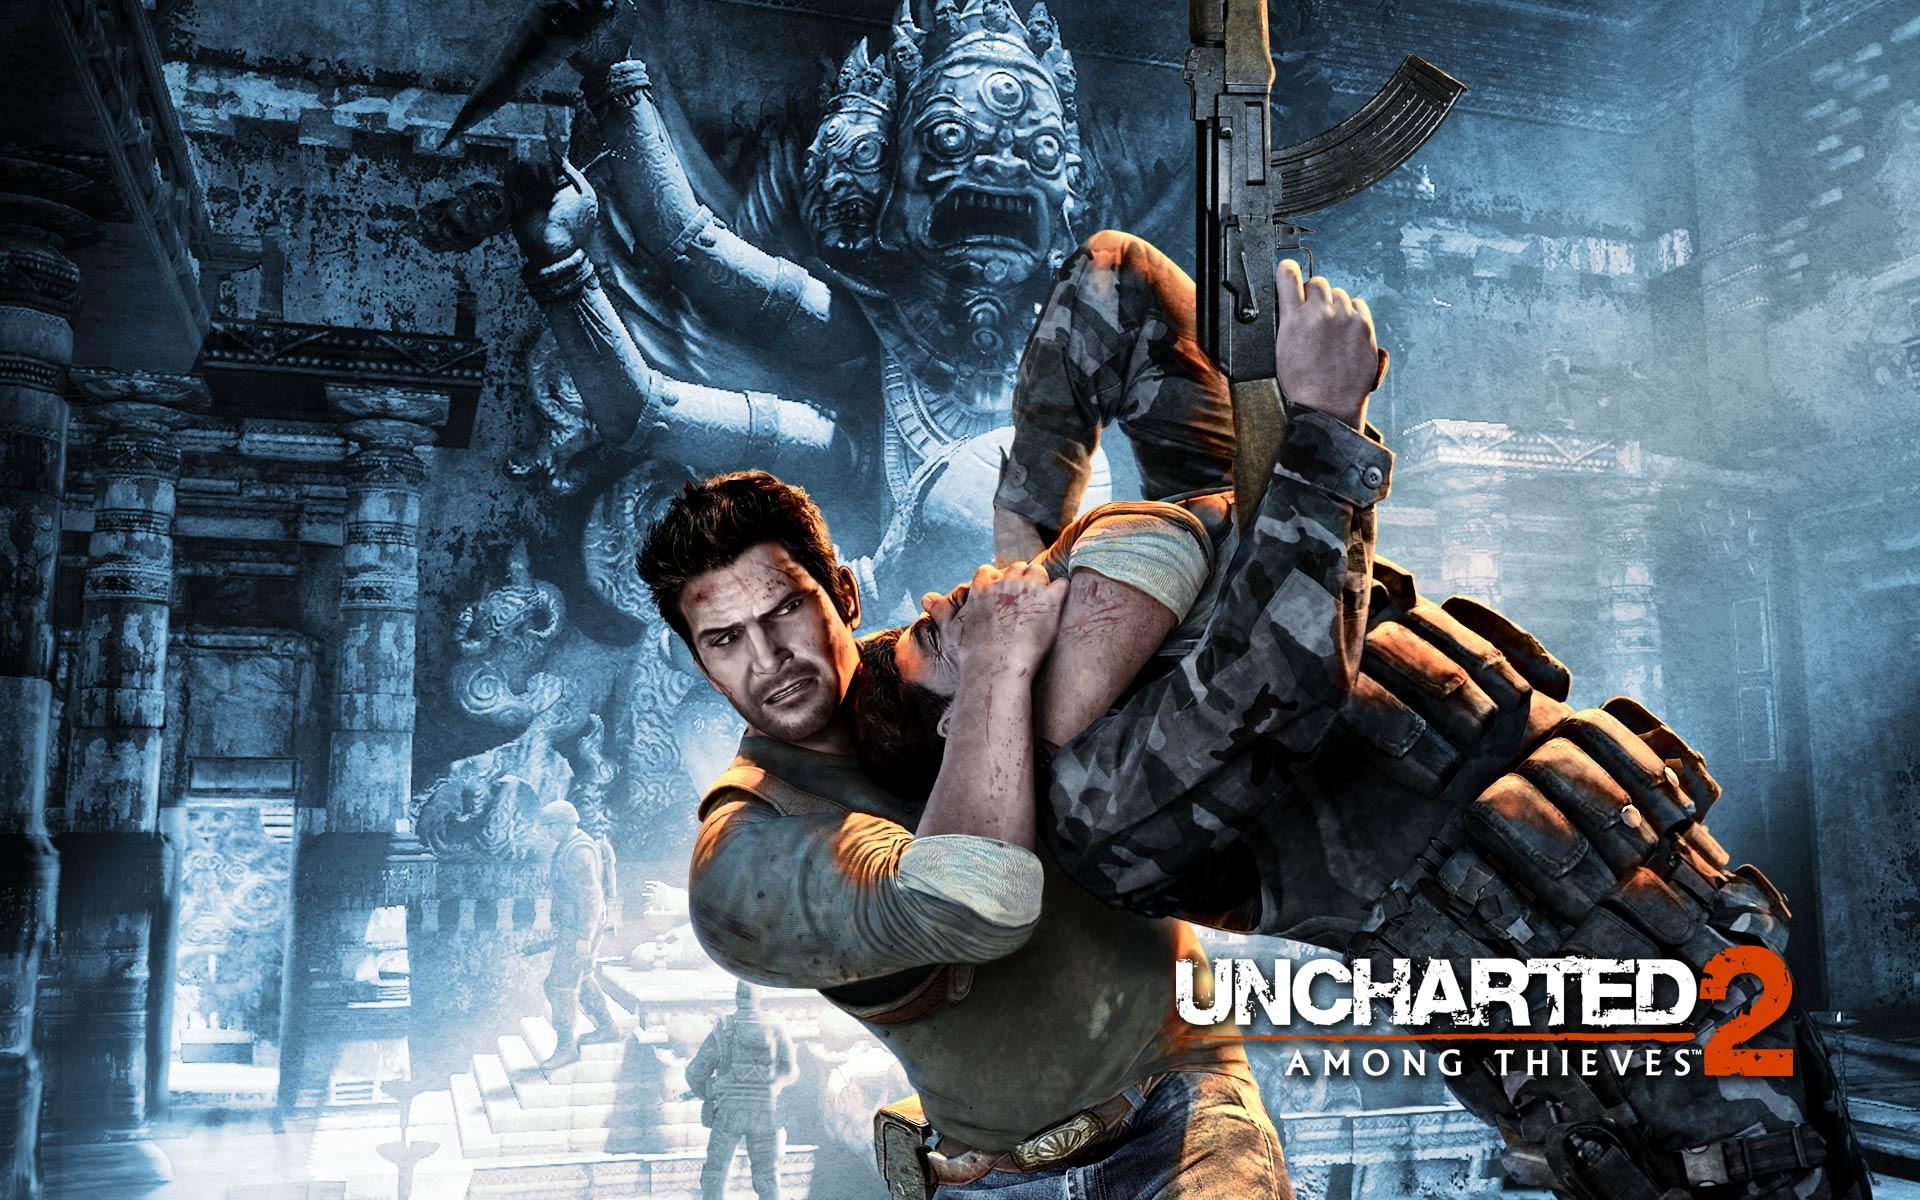 Uncharted 2 Wallpaper 3